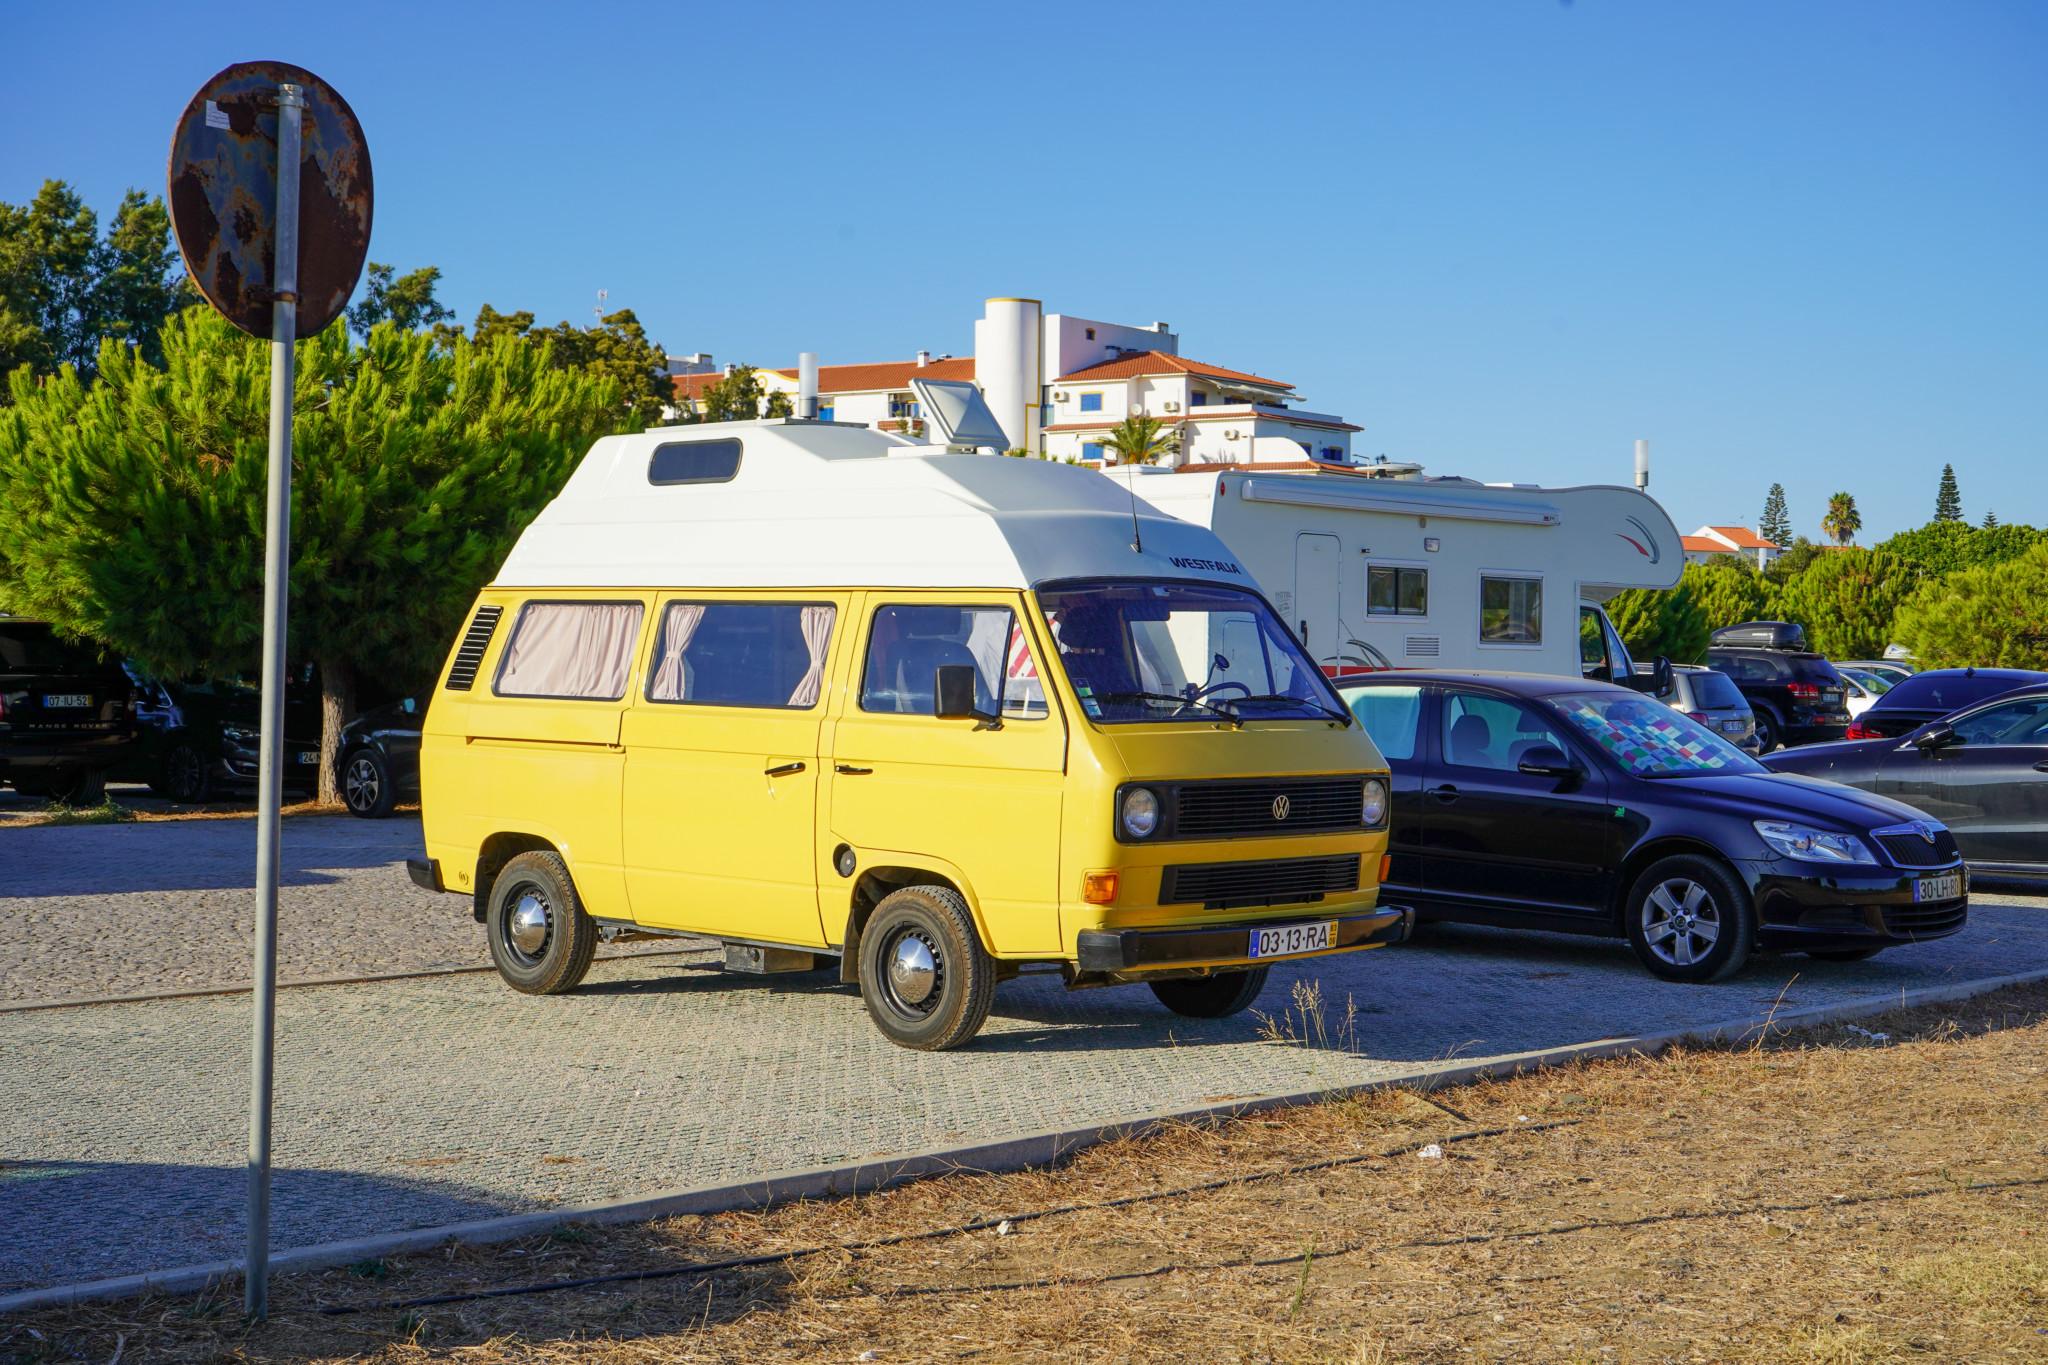 Parken geht in Portugal super einfach